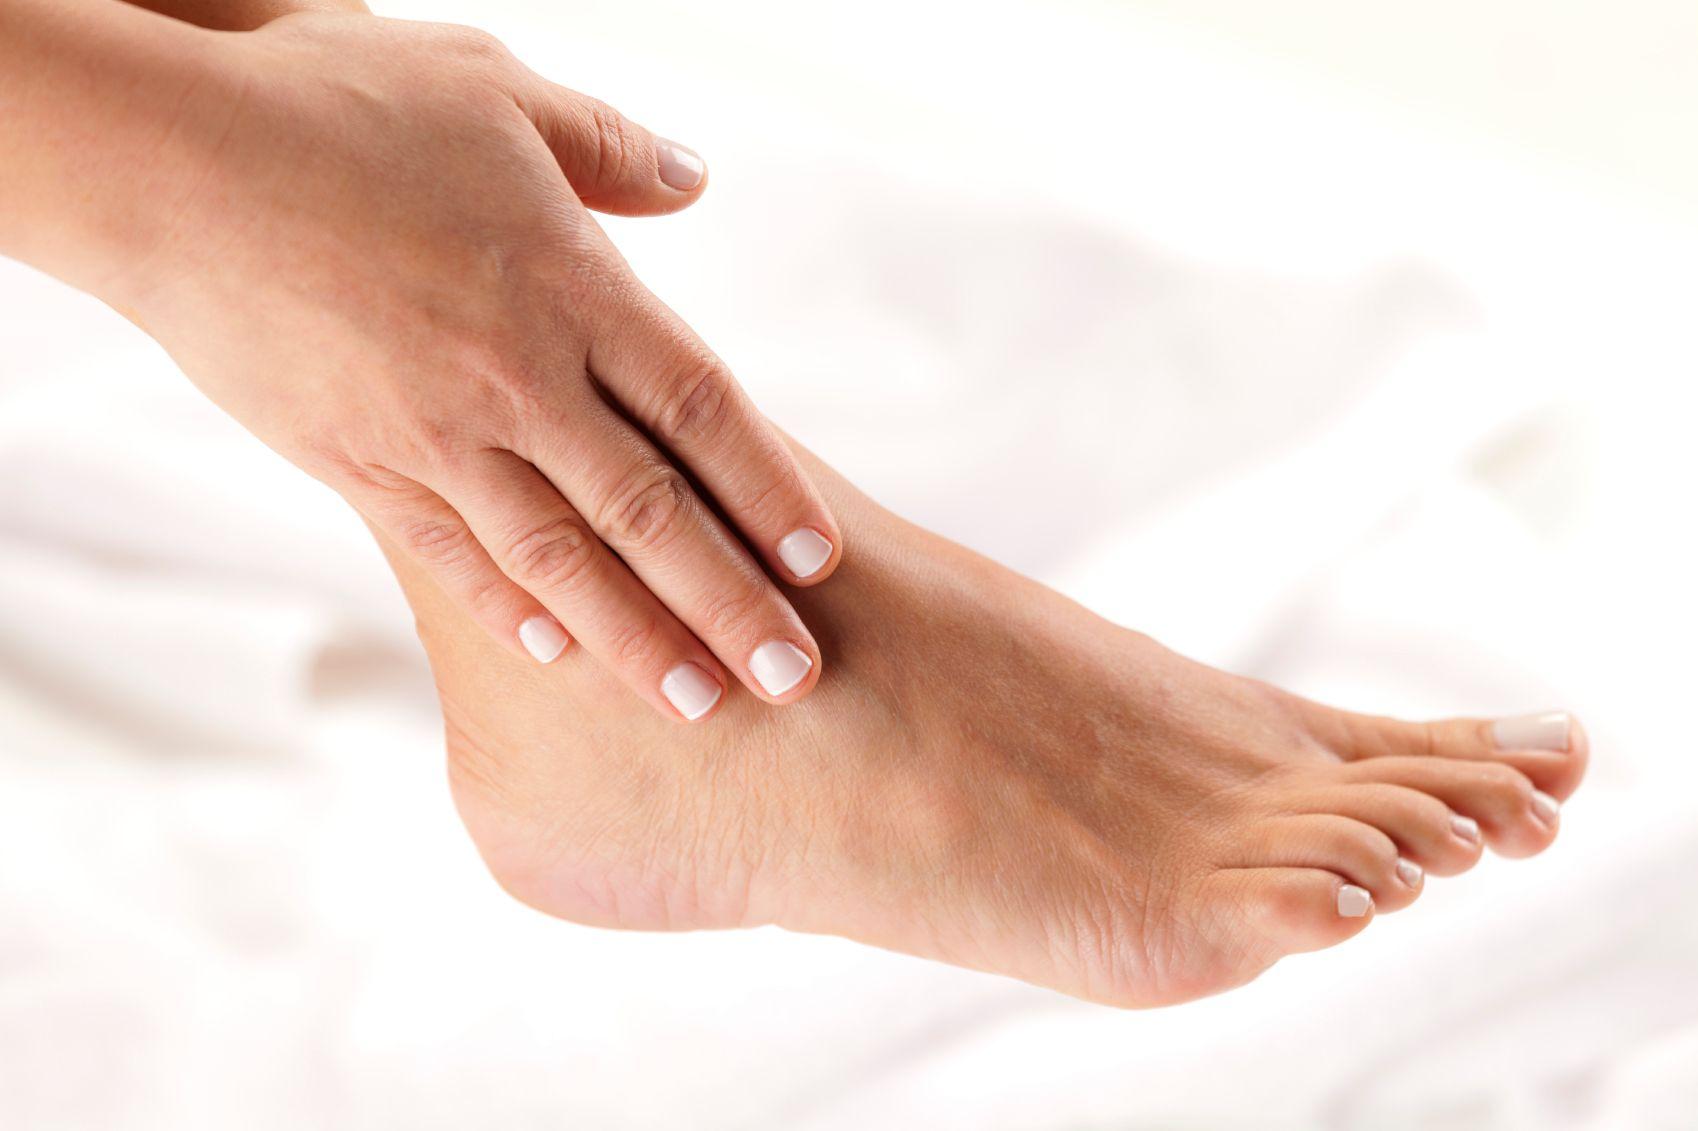 esercizi per perdere peso alle ginocchia e alle caviglie